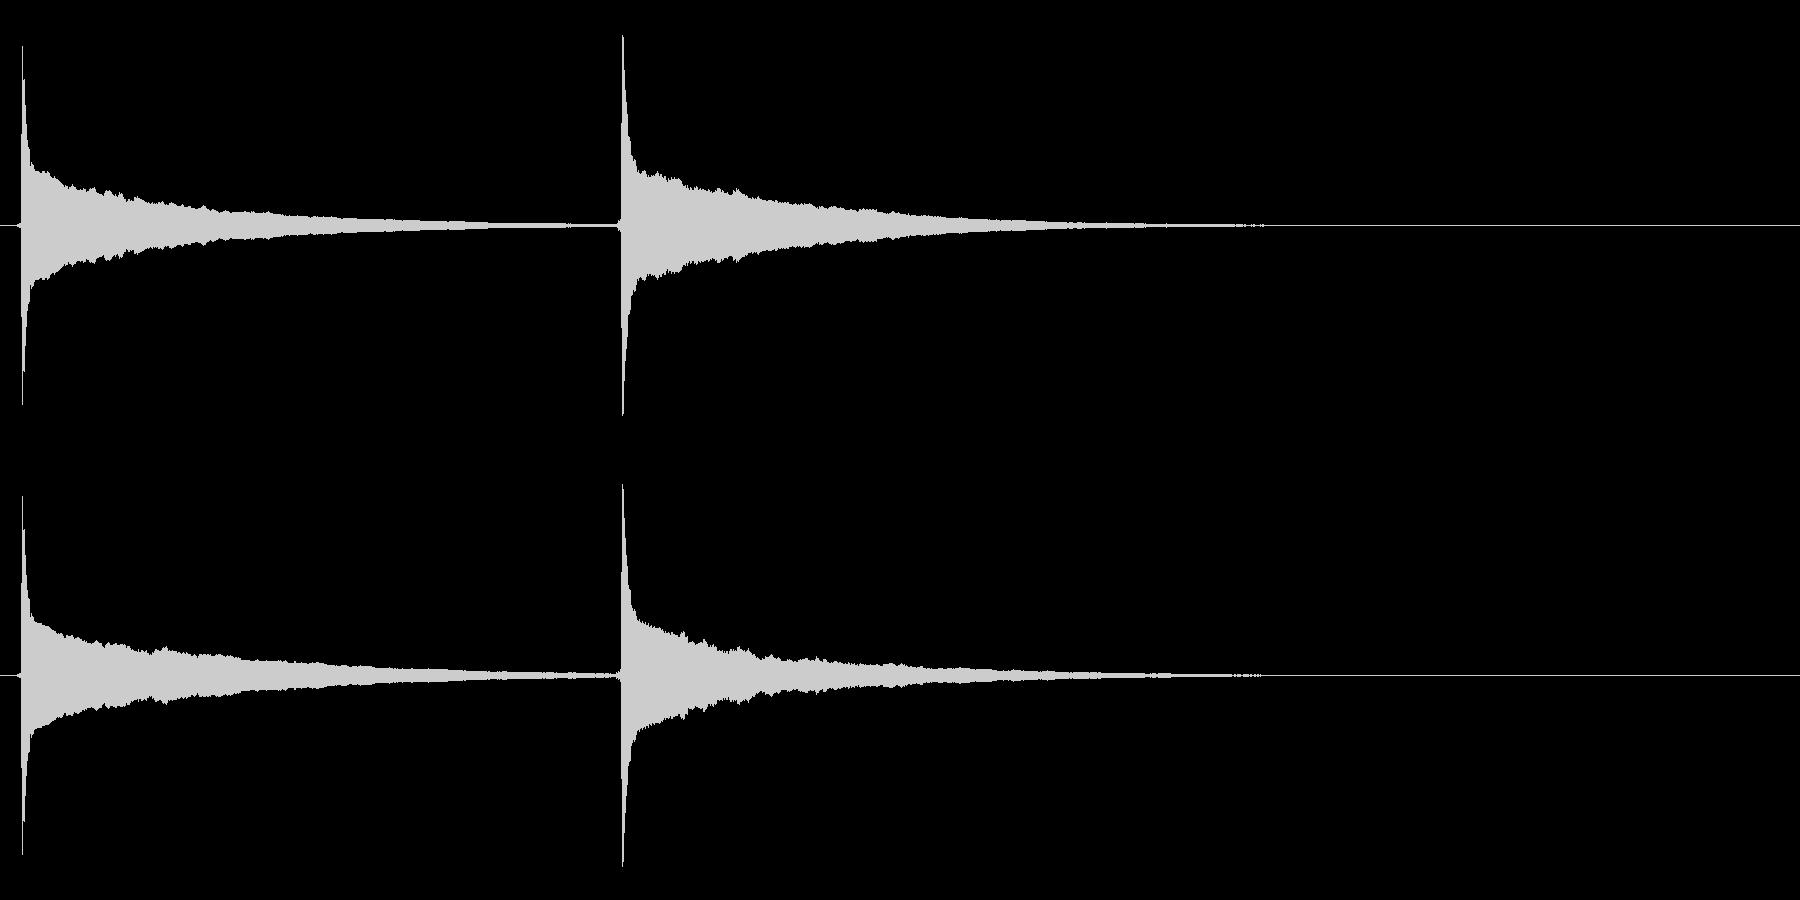 ピンポン (3)の未再生の波形